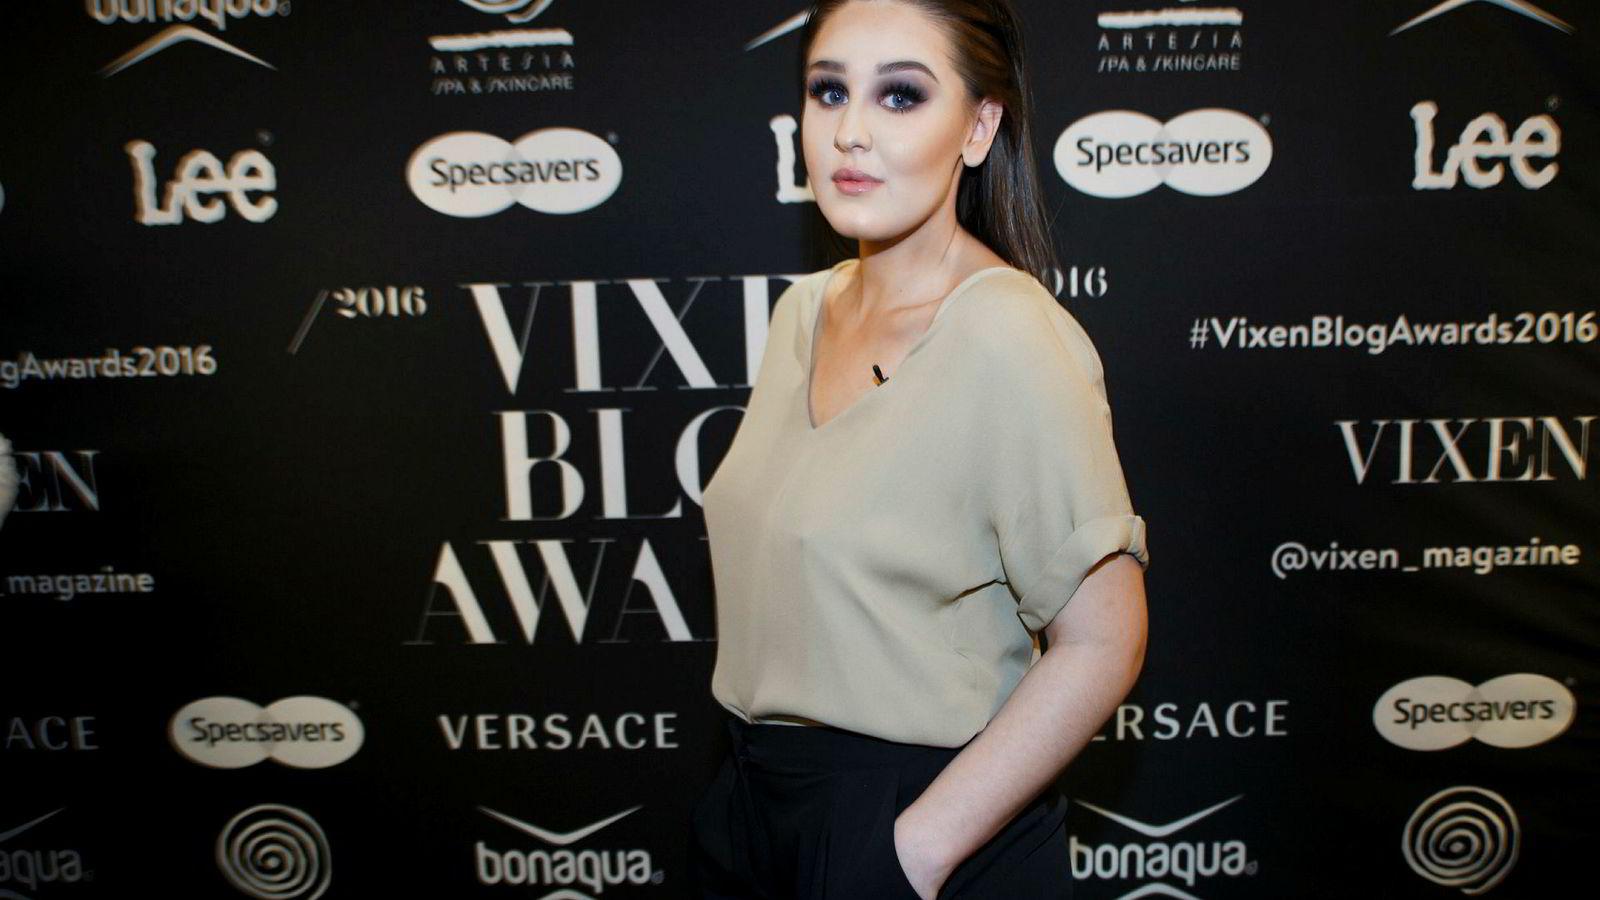 Blogger Anna Rasmussen er blitt klaget inn til Forbrukertilsynet for å ha arrangert konkurranser på Facebook uten å ha trukket vinnere eller delt ut premier.